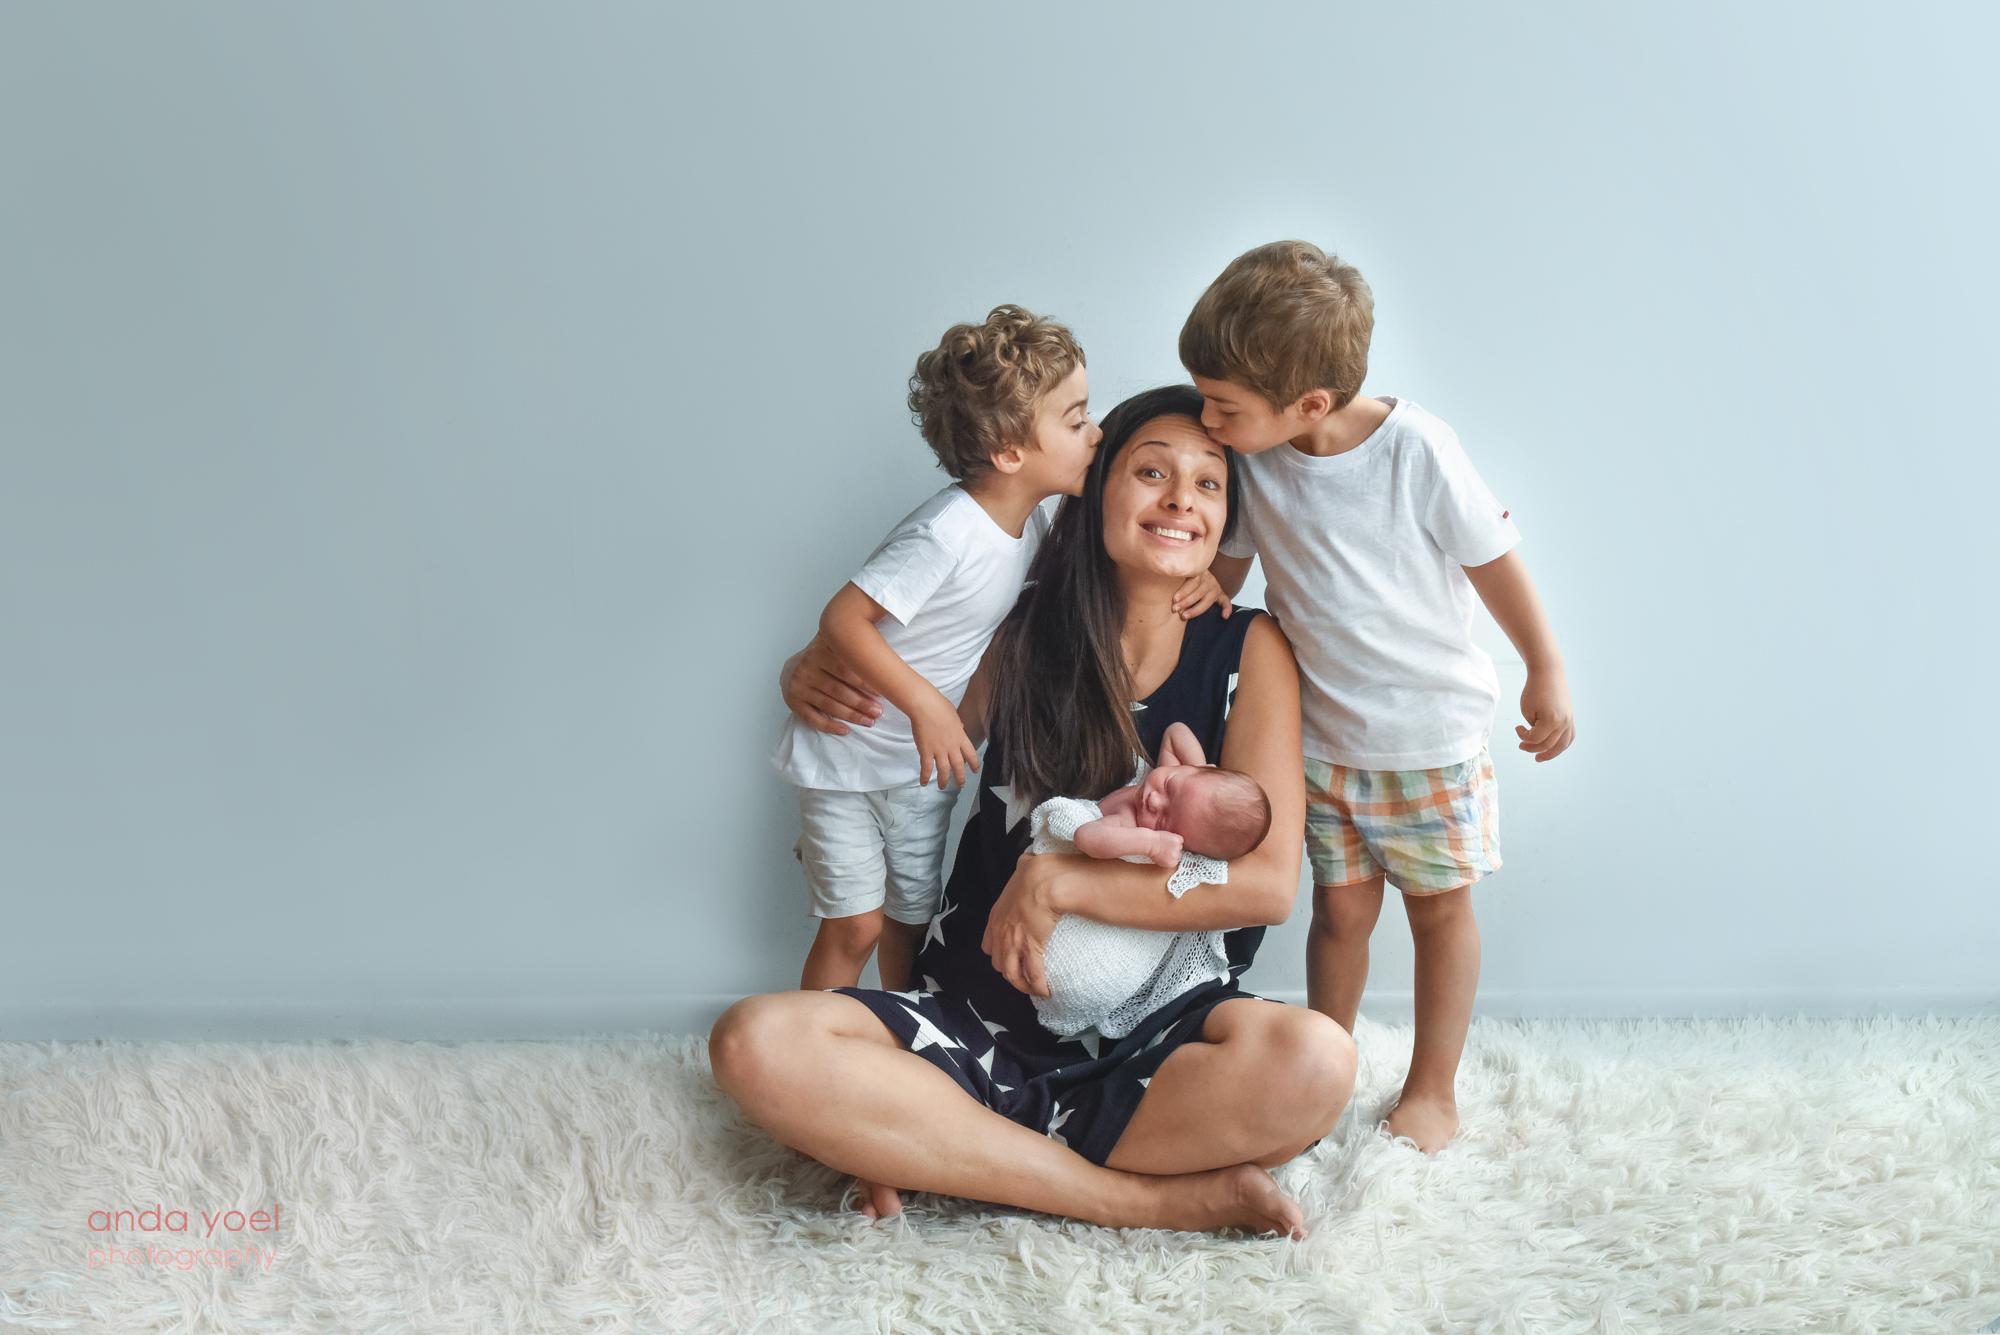 אמא מחזיקה תינוקת ושני בניה נותנים לה נשיקה